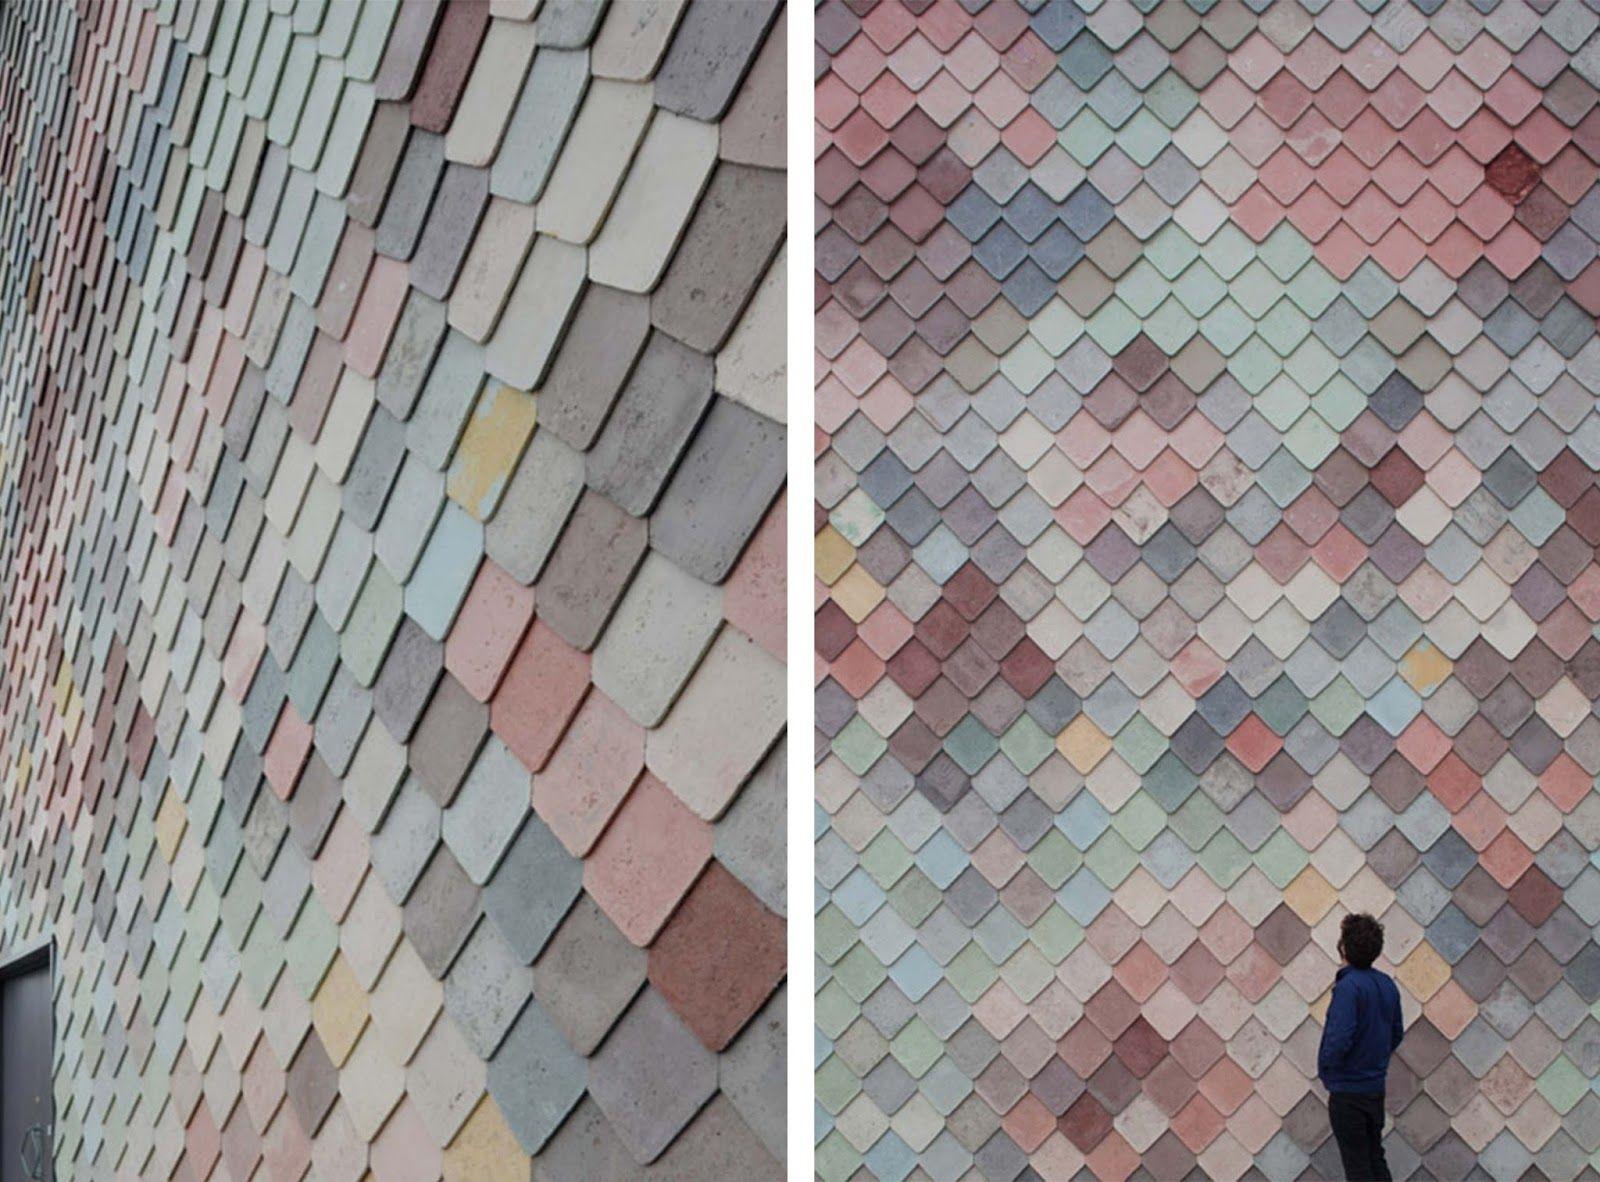 Abstract colorato mosaico texture come sfondo piastrelle rotte